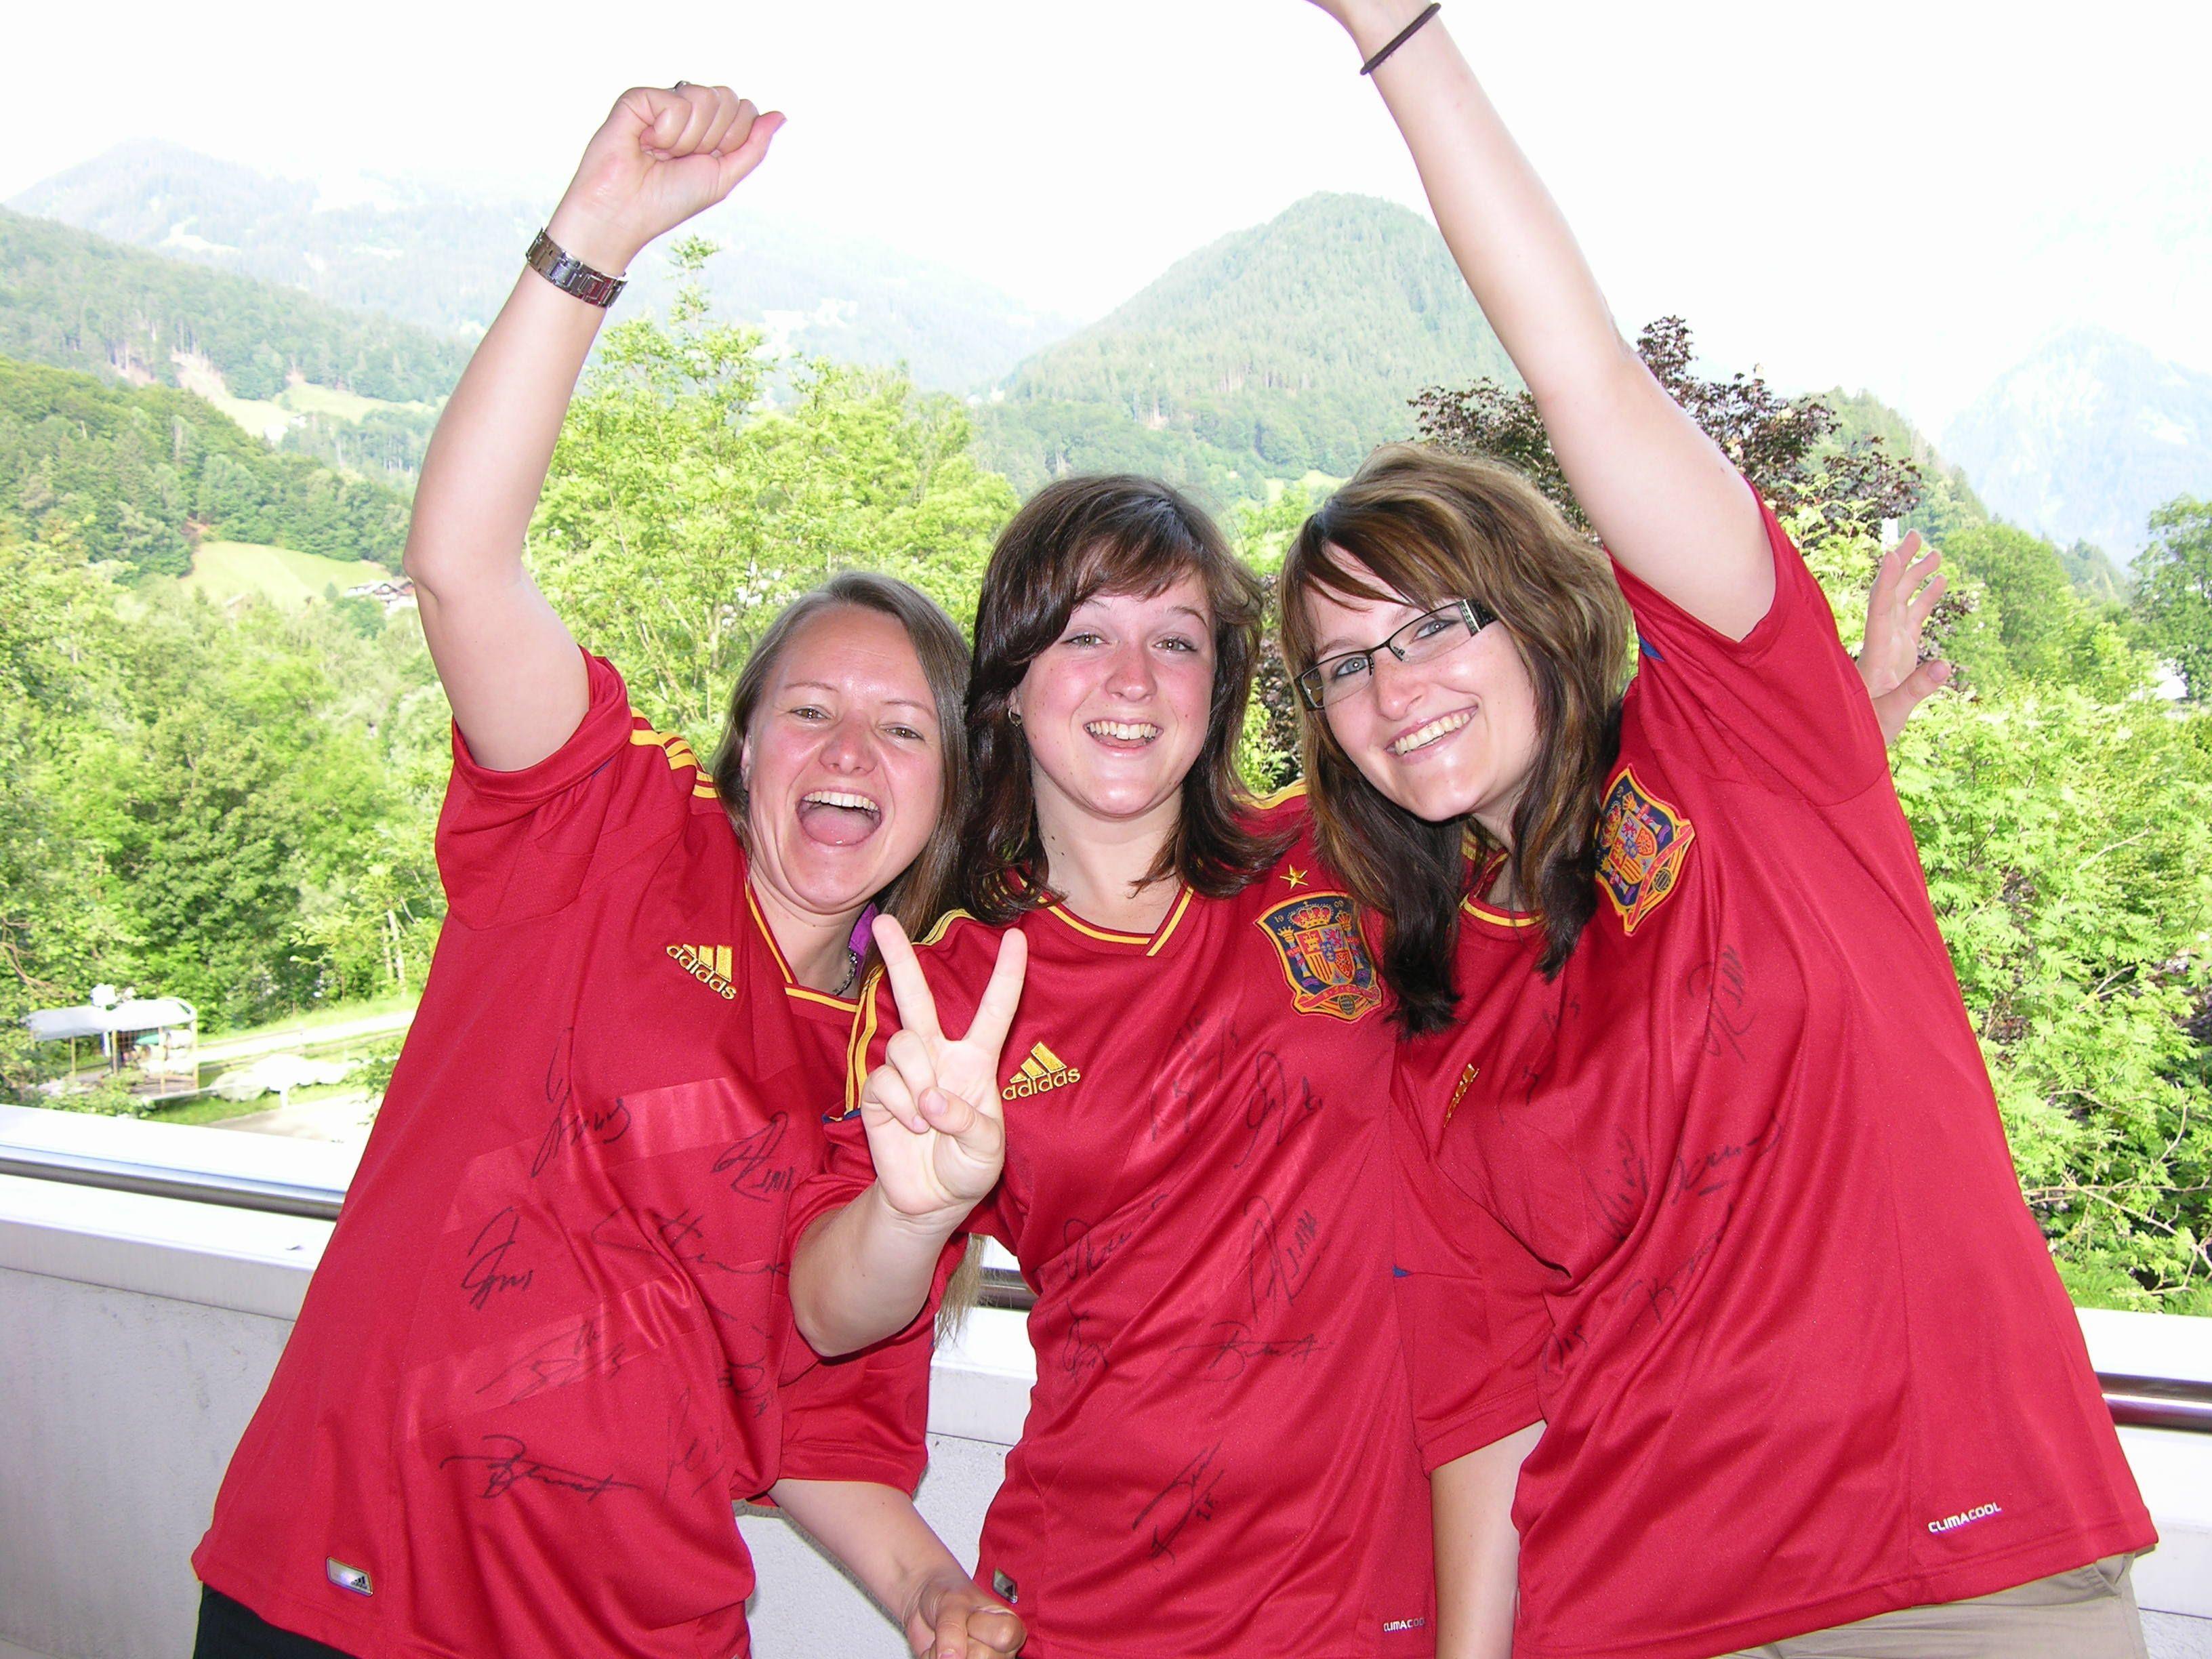 Mach mit und gewinn dein signiertes Spanien-Dress!